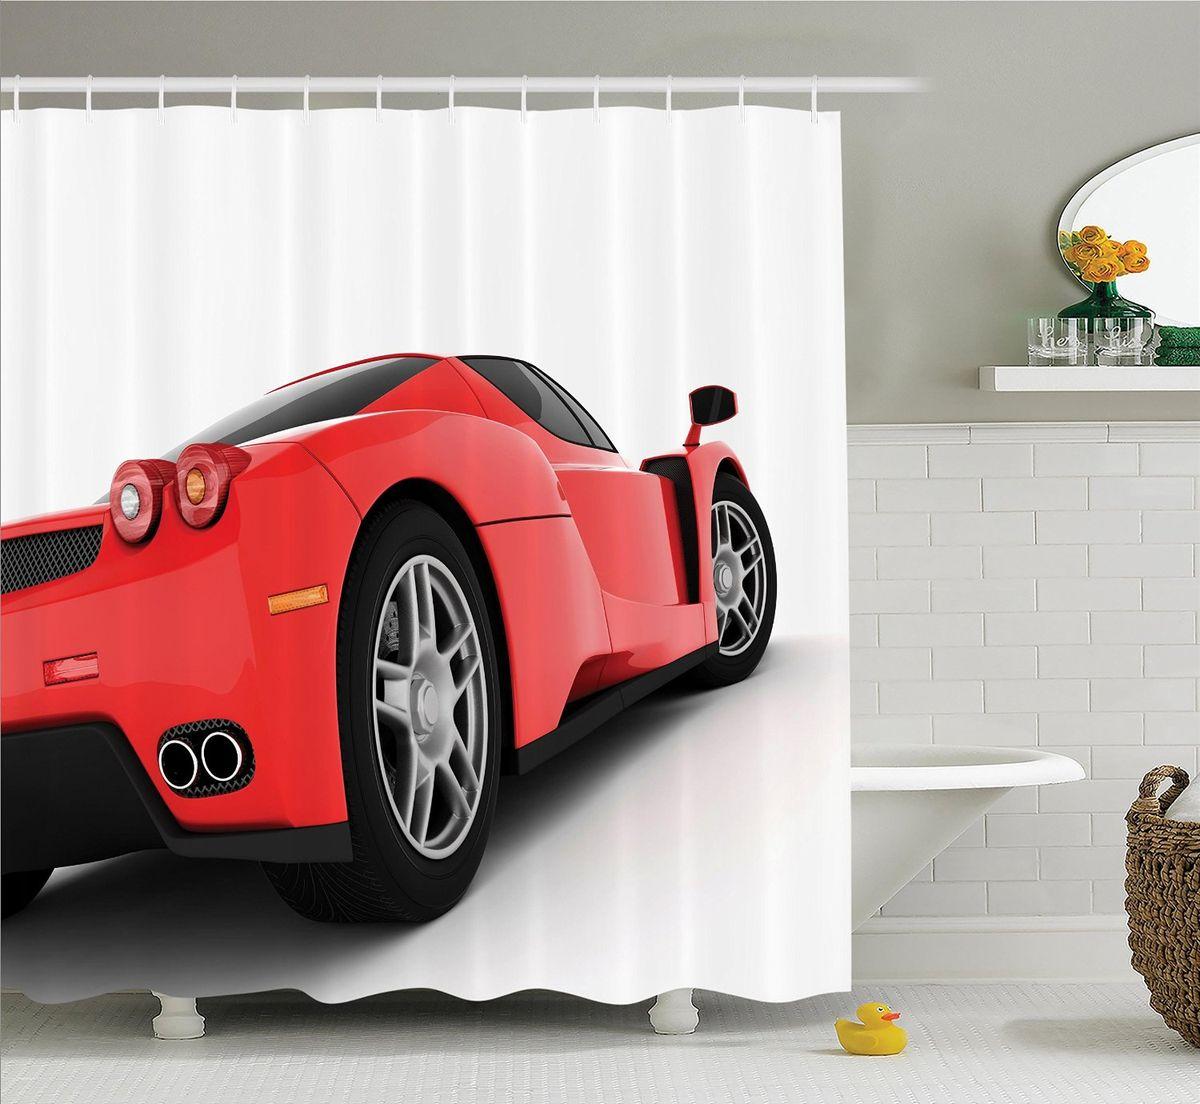 Штора для ванной комнаты Magic Lady Красная машина, 180 х 200 см74-0060Штора Magic Lady Красная машина, изготовленная из высококачественного сатена (полиэстер 100%), отлично дополнит любой интерьер ванной комнаты. При изготовлении используются специальные гипоаллергенные чернила для прямой печати по ткани, безопасные для человека.В комплекте: 1 штора, 12 крючков. Обращаем ваше внимание, фактический цвет изделия может незначительно отличаться от представленного на фото.